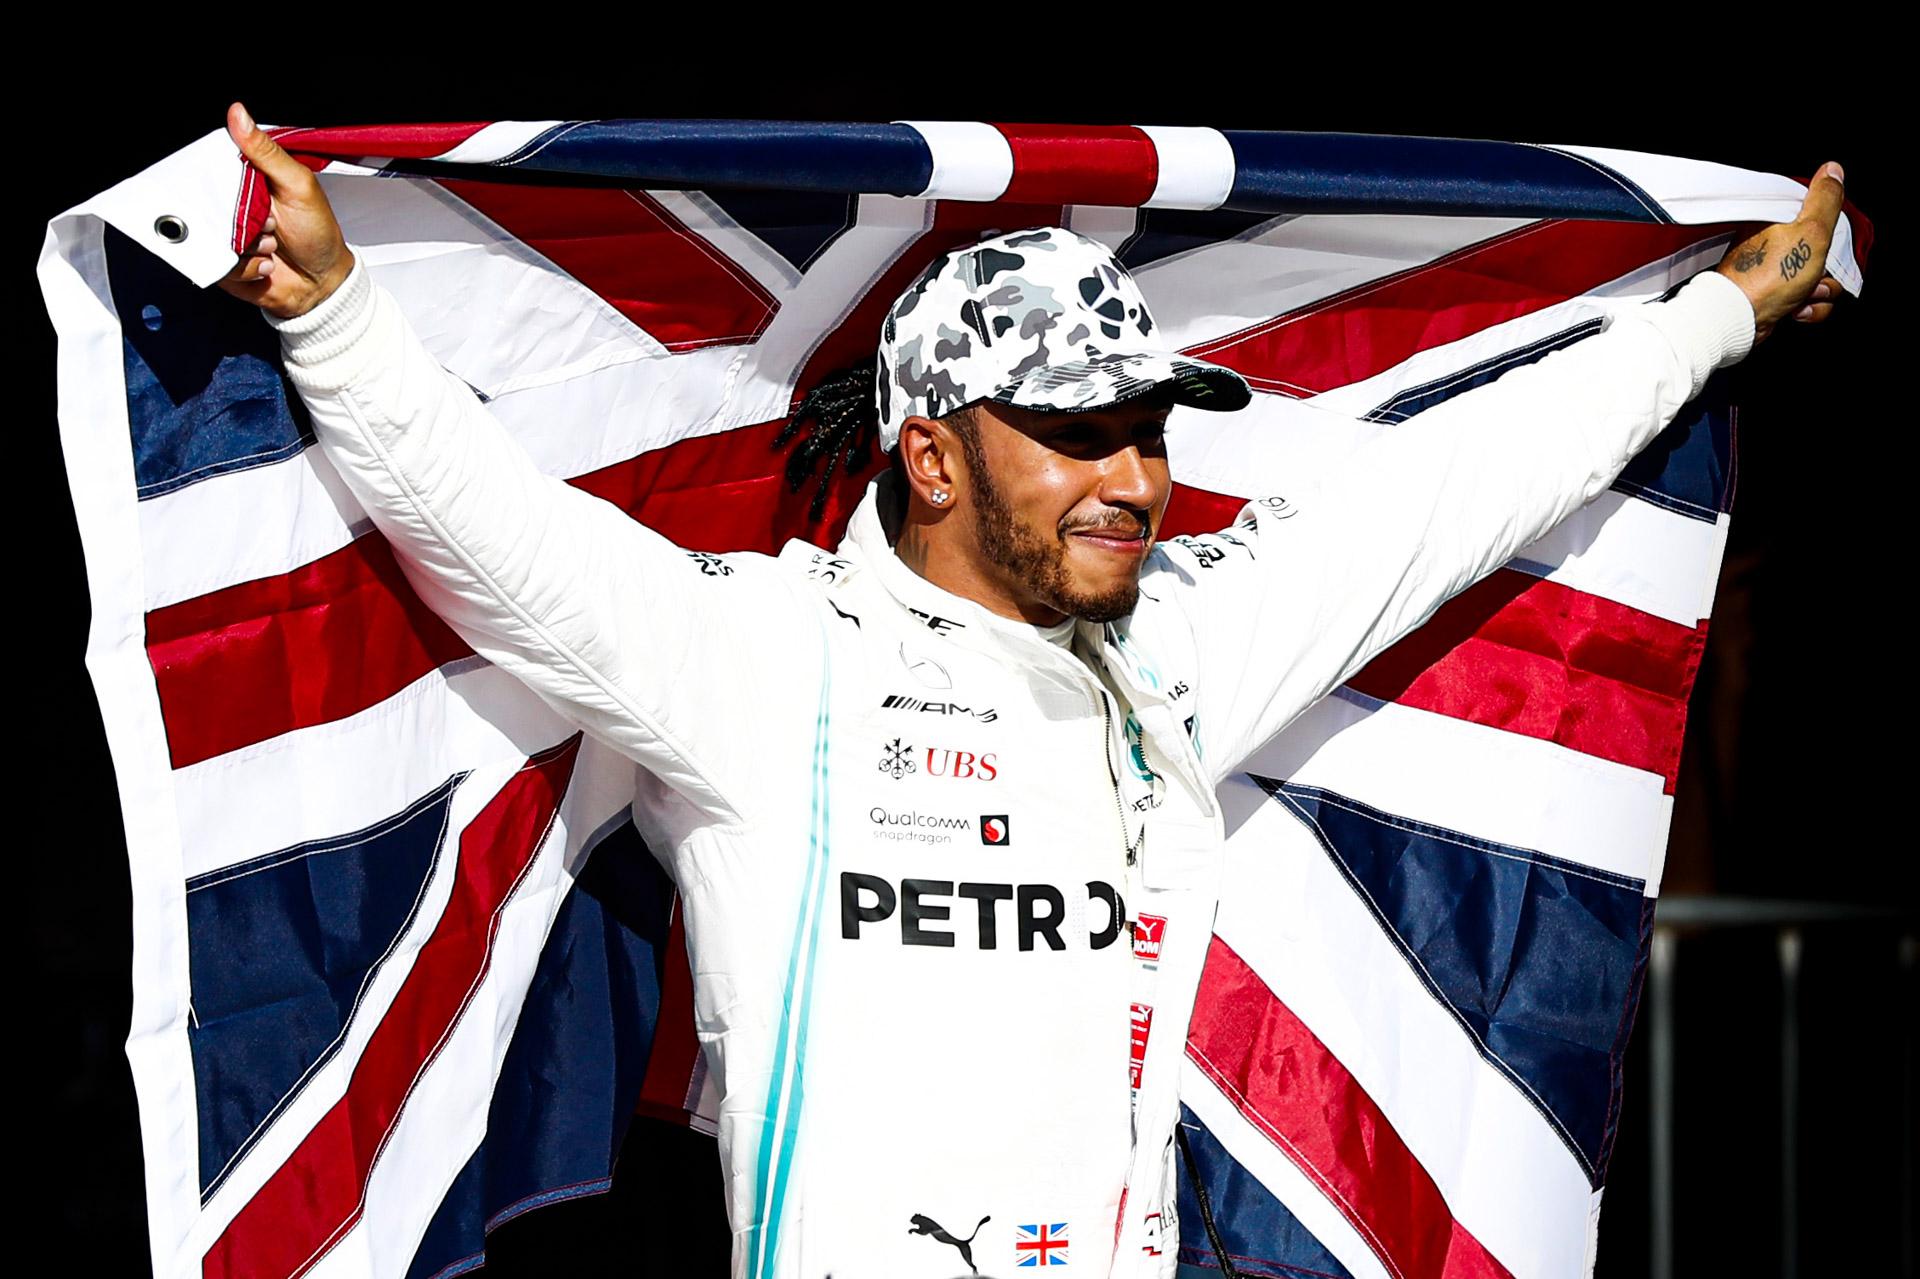 Sechster Formel-1-Weltmeistertitel für Lewis Hamilton: Im Großen Preis der USA am 3. November 2019 macht der britische Rennfahrer den Triumph vorzeitig perfekt.